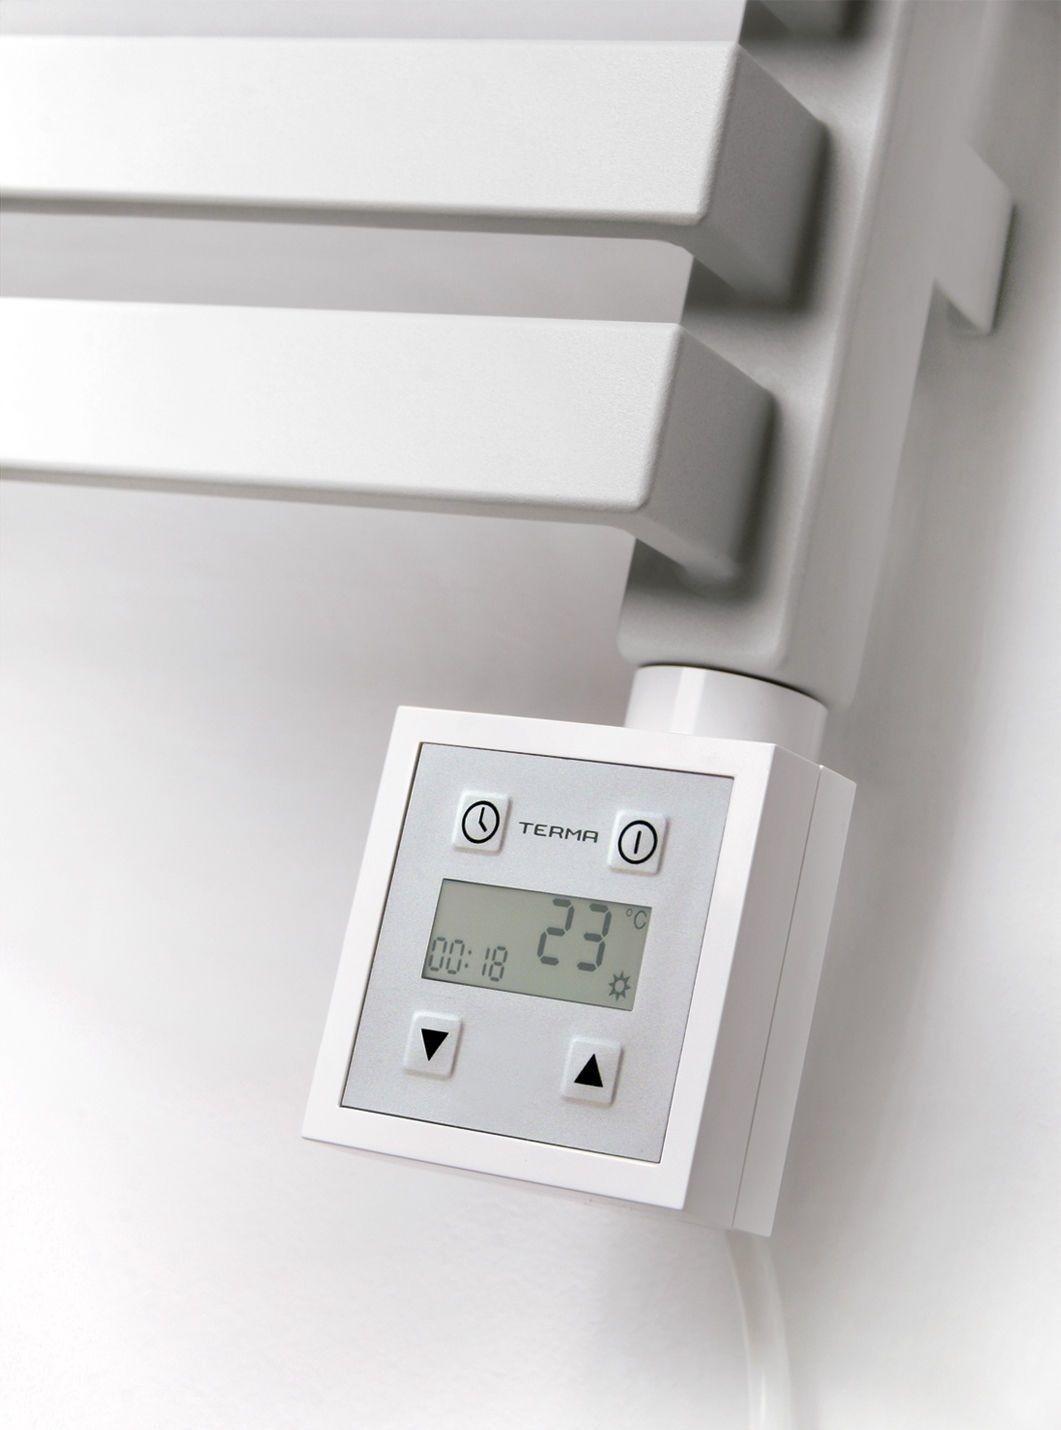 Электро тэны для полотенцесушителей и радиаторов.